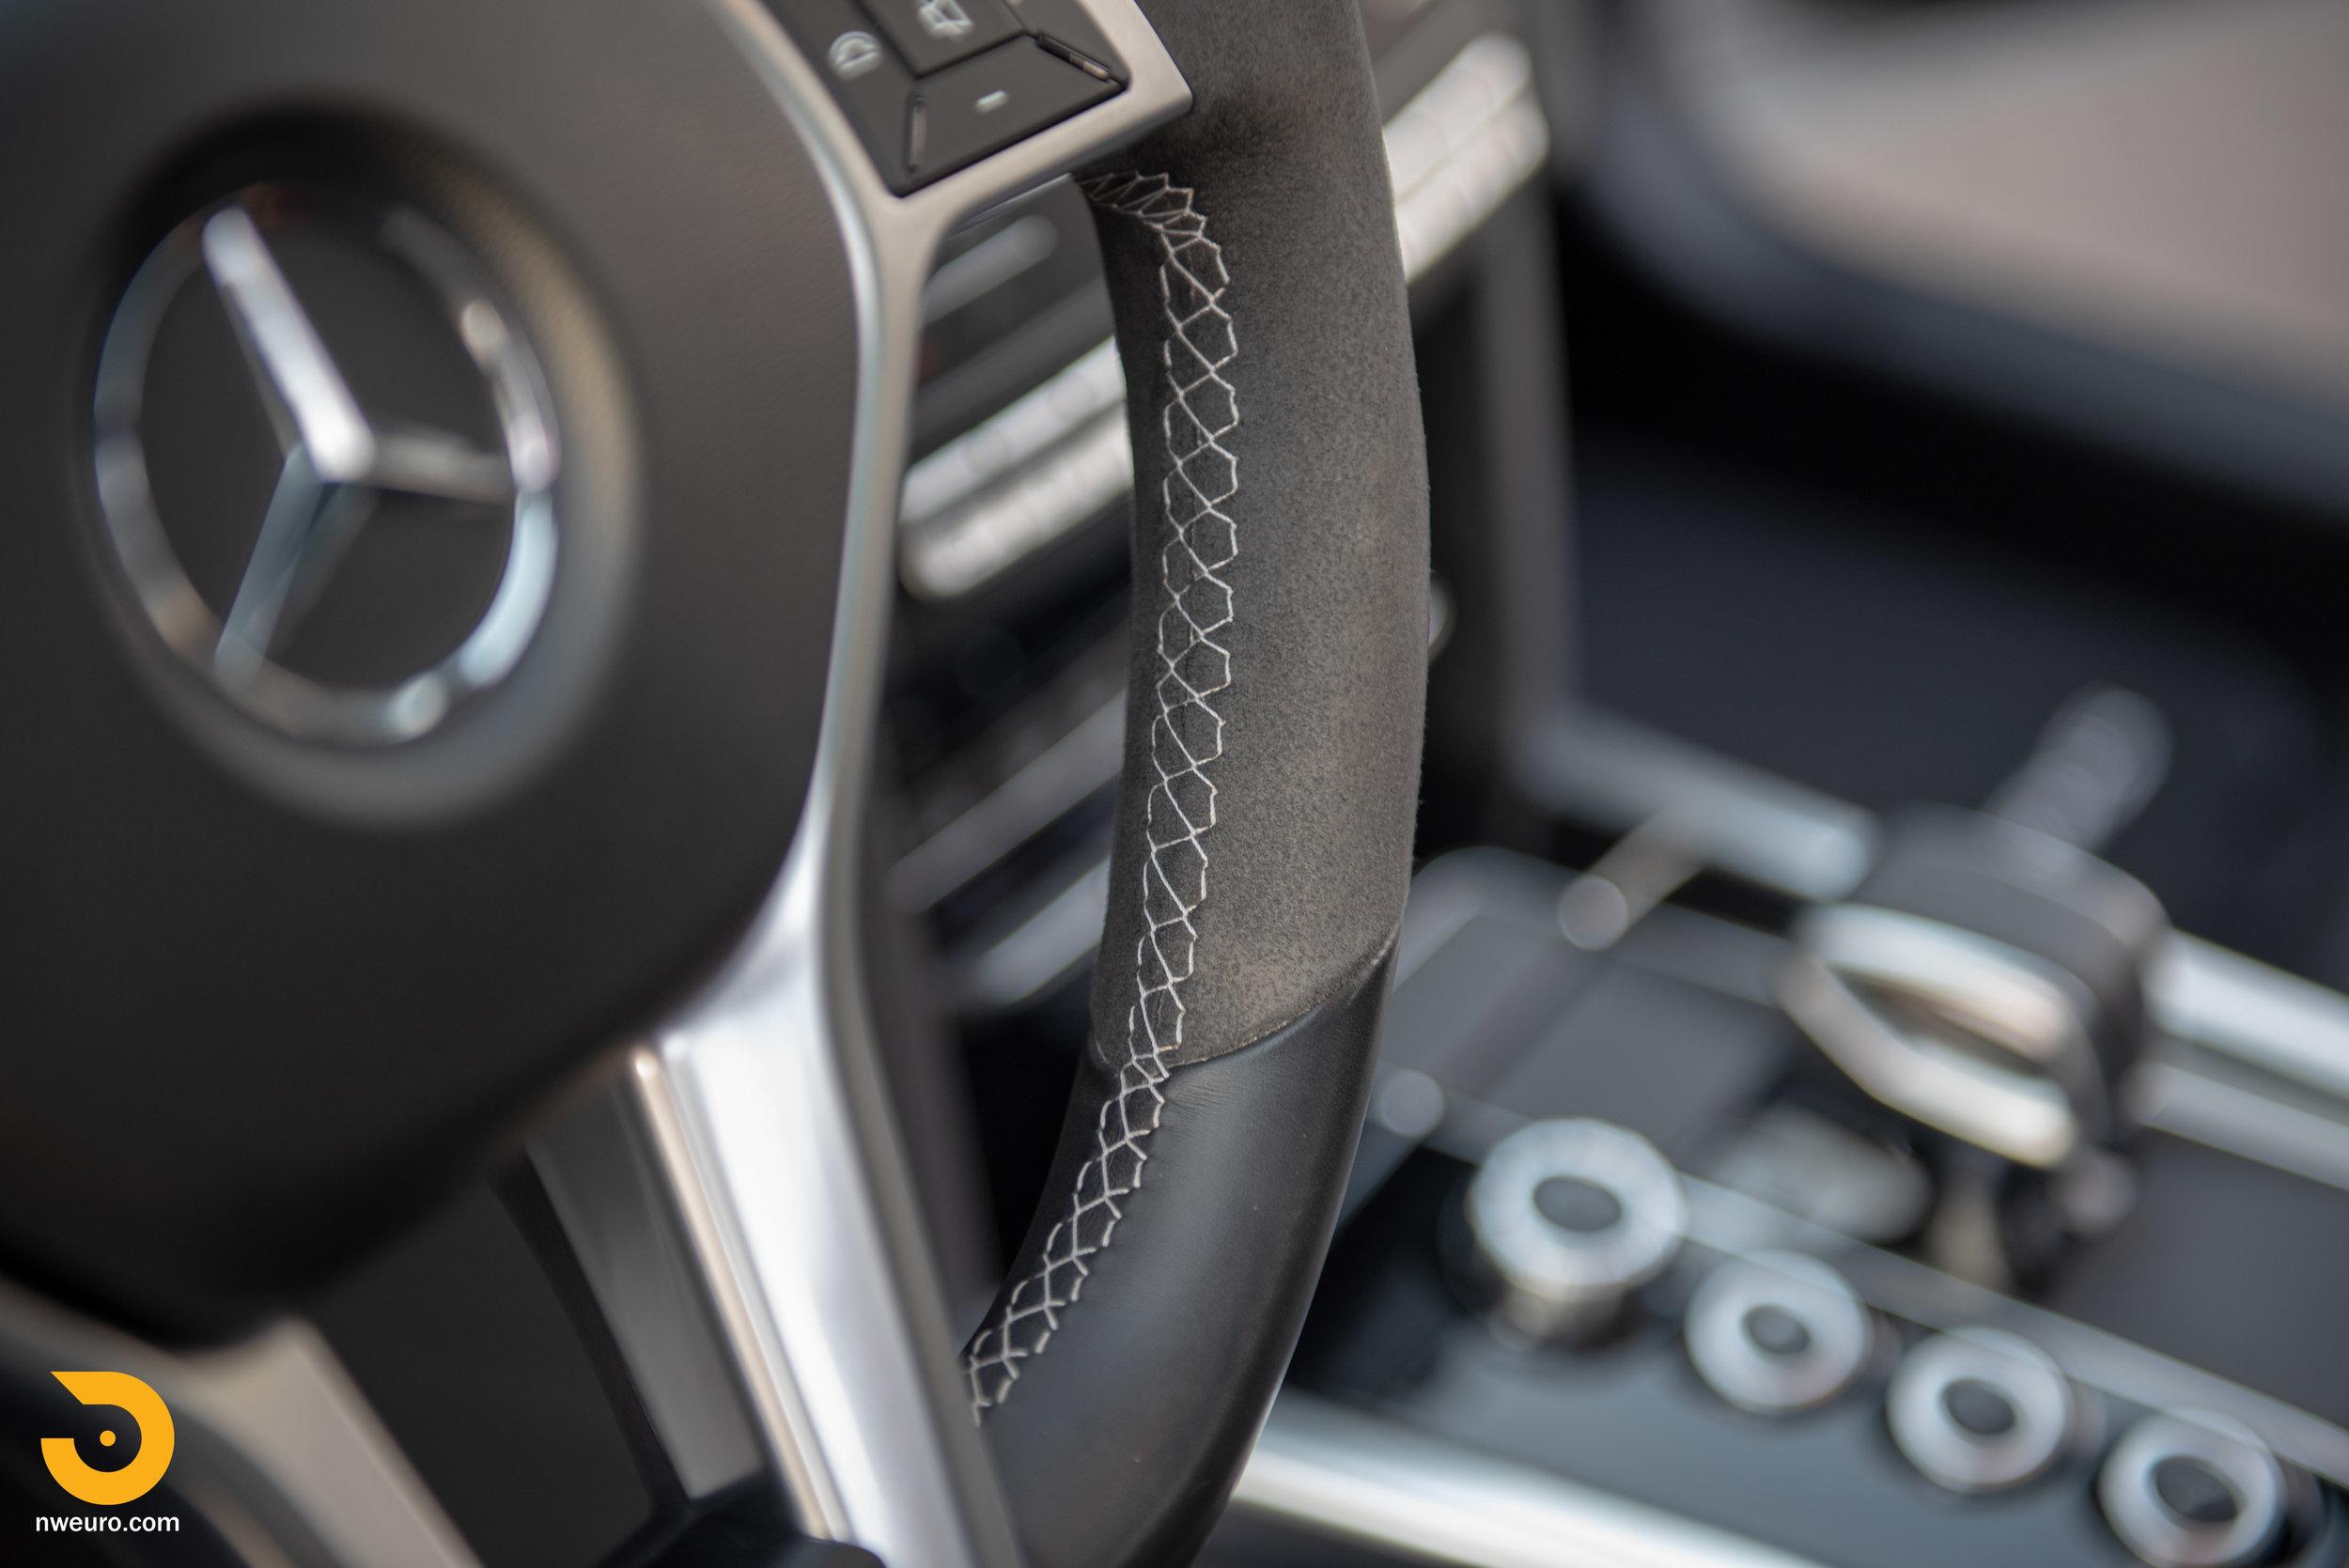 2016 Mercedes-Benz E63S Wagon-44.jpg